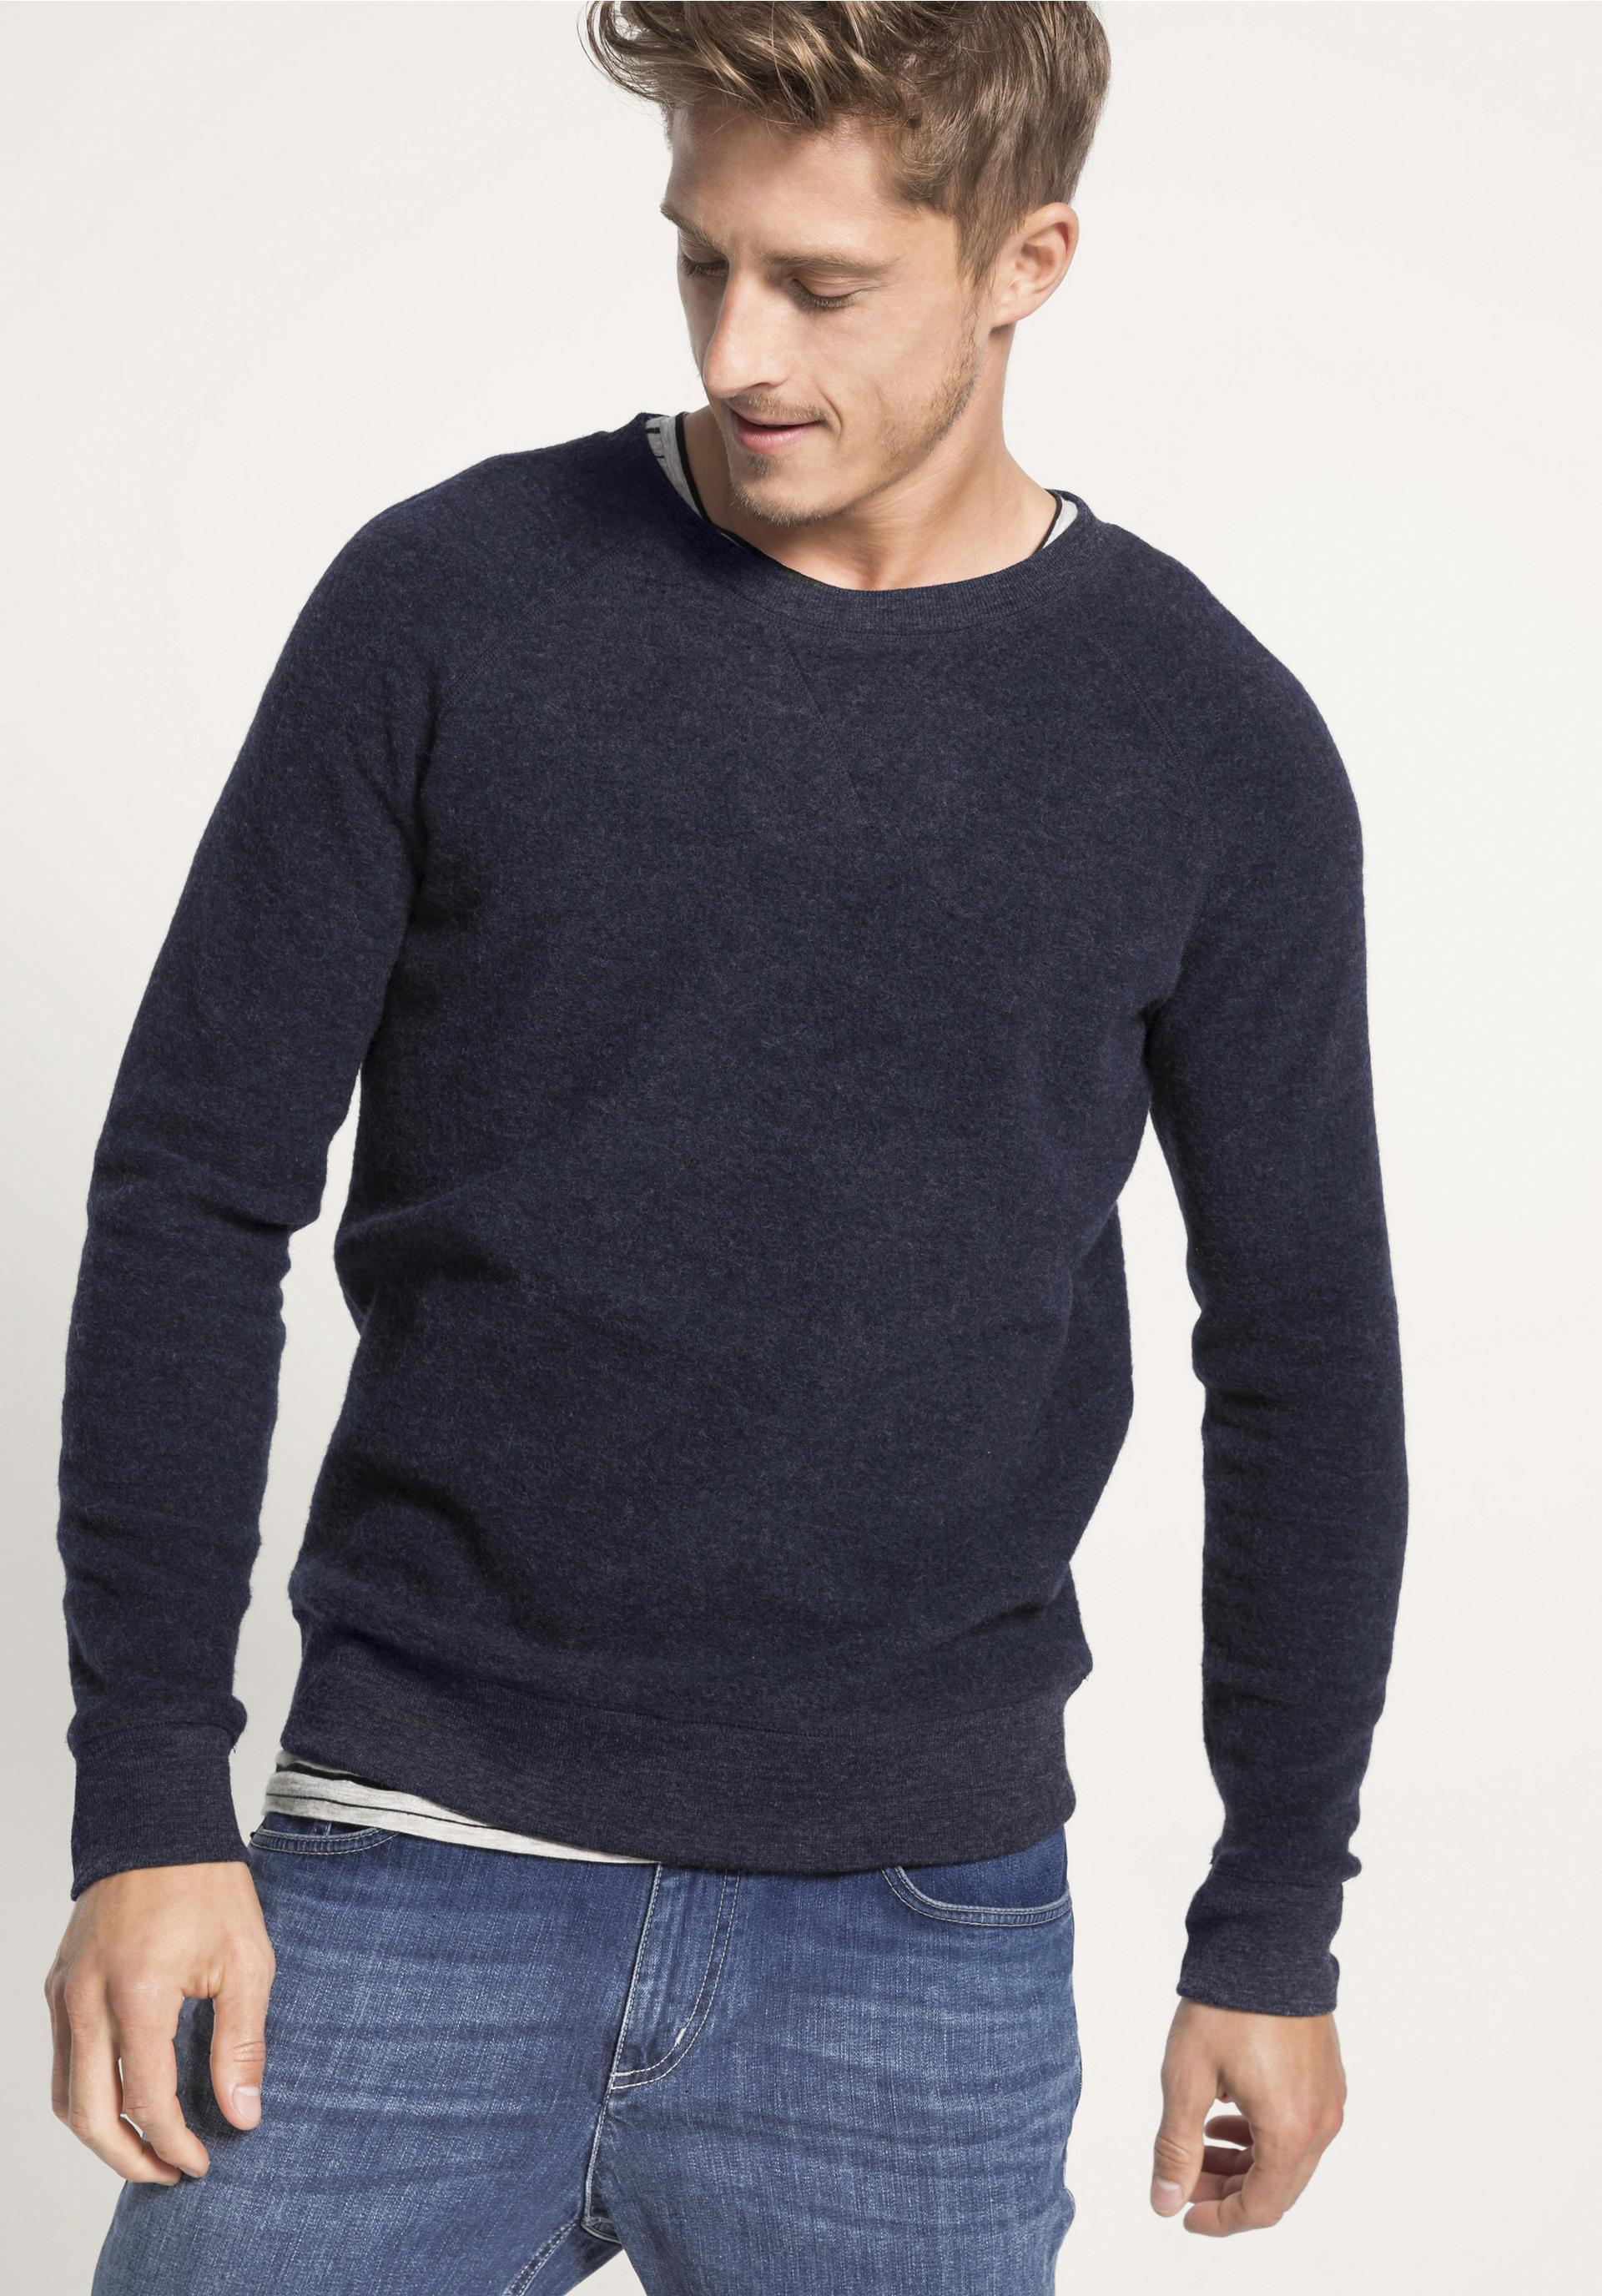 Herren Sweatshirt aus reiner Bio Merinowolle von hessnatur